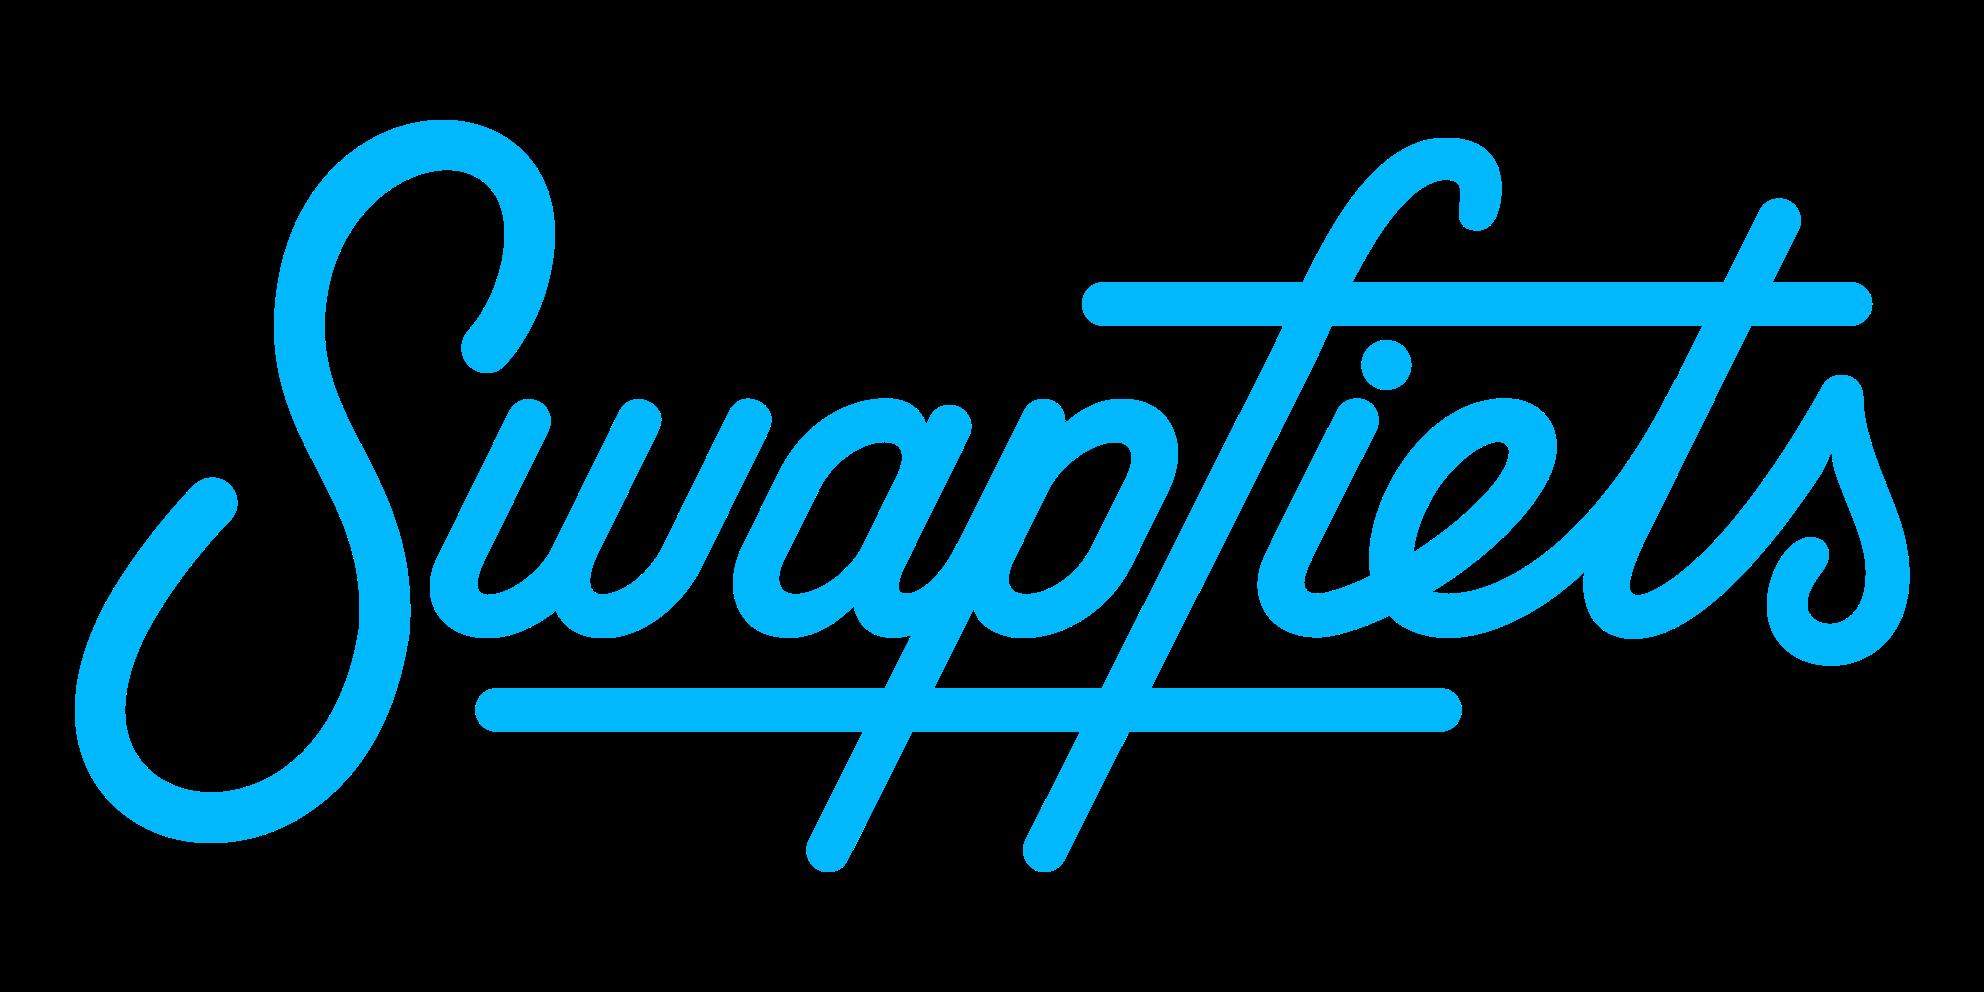 Afbeeldingsresultaat voor swapfiets